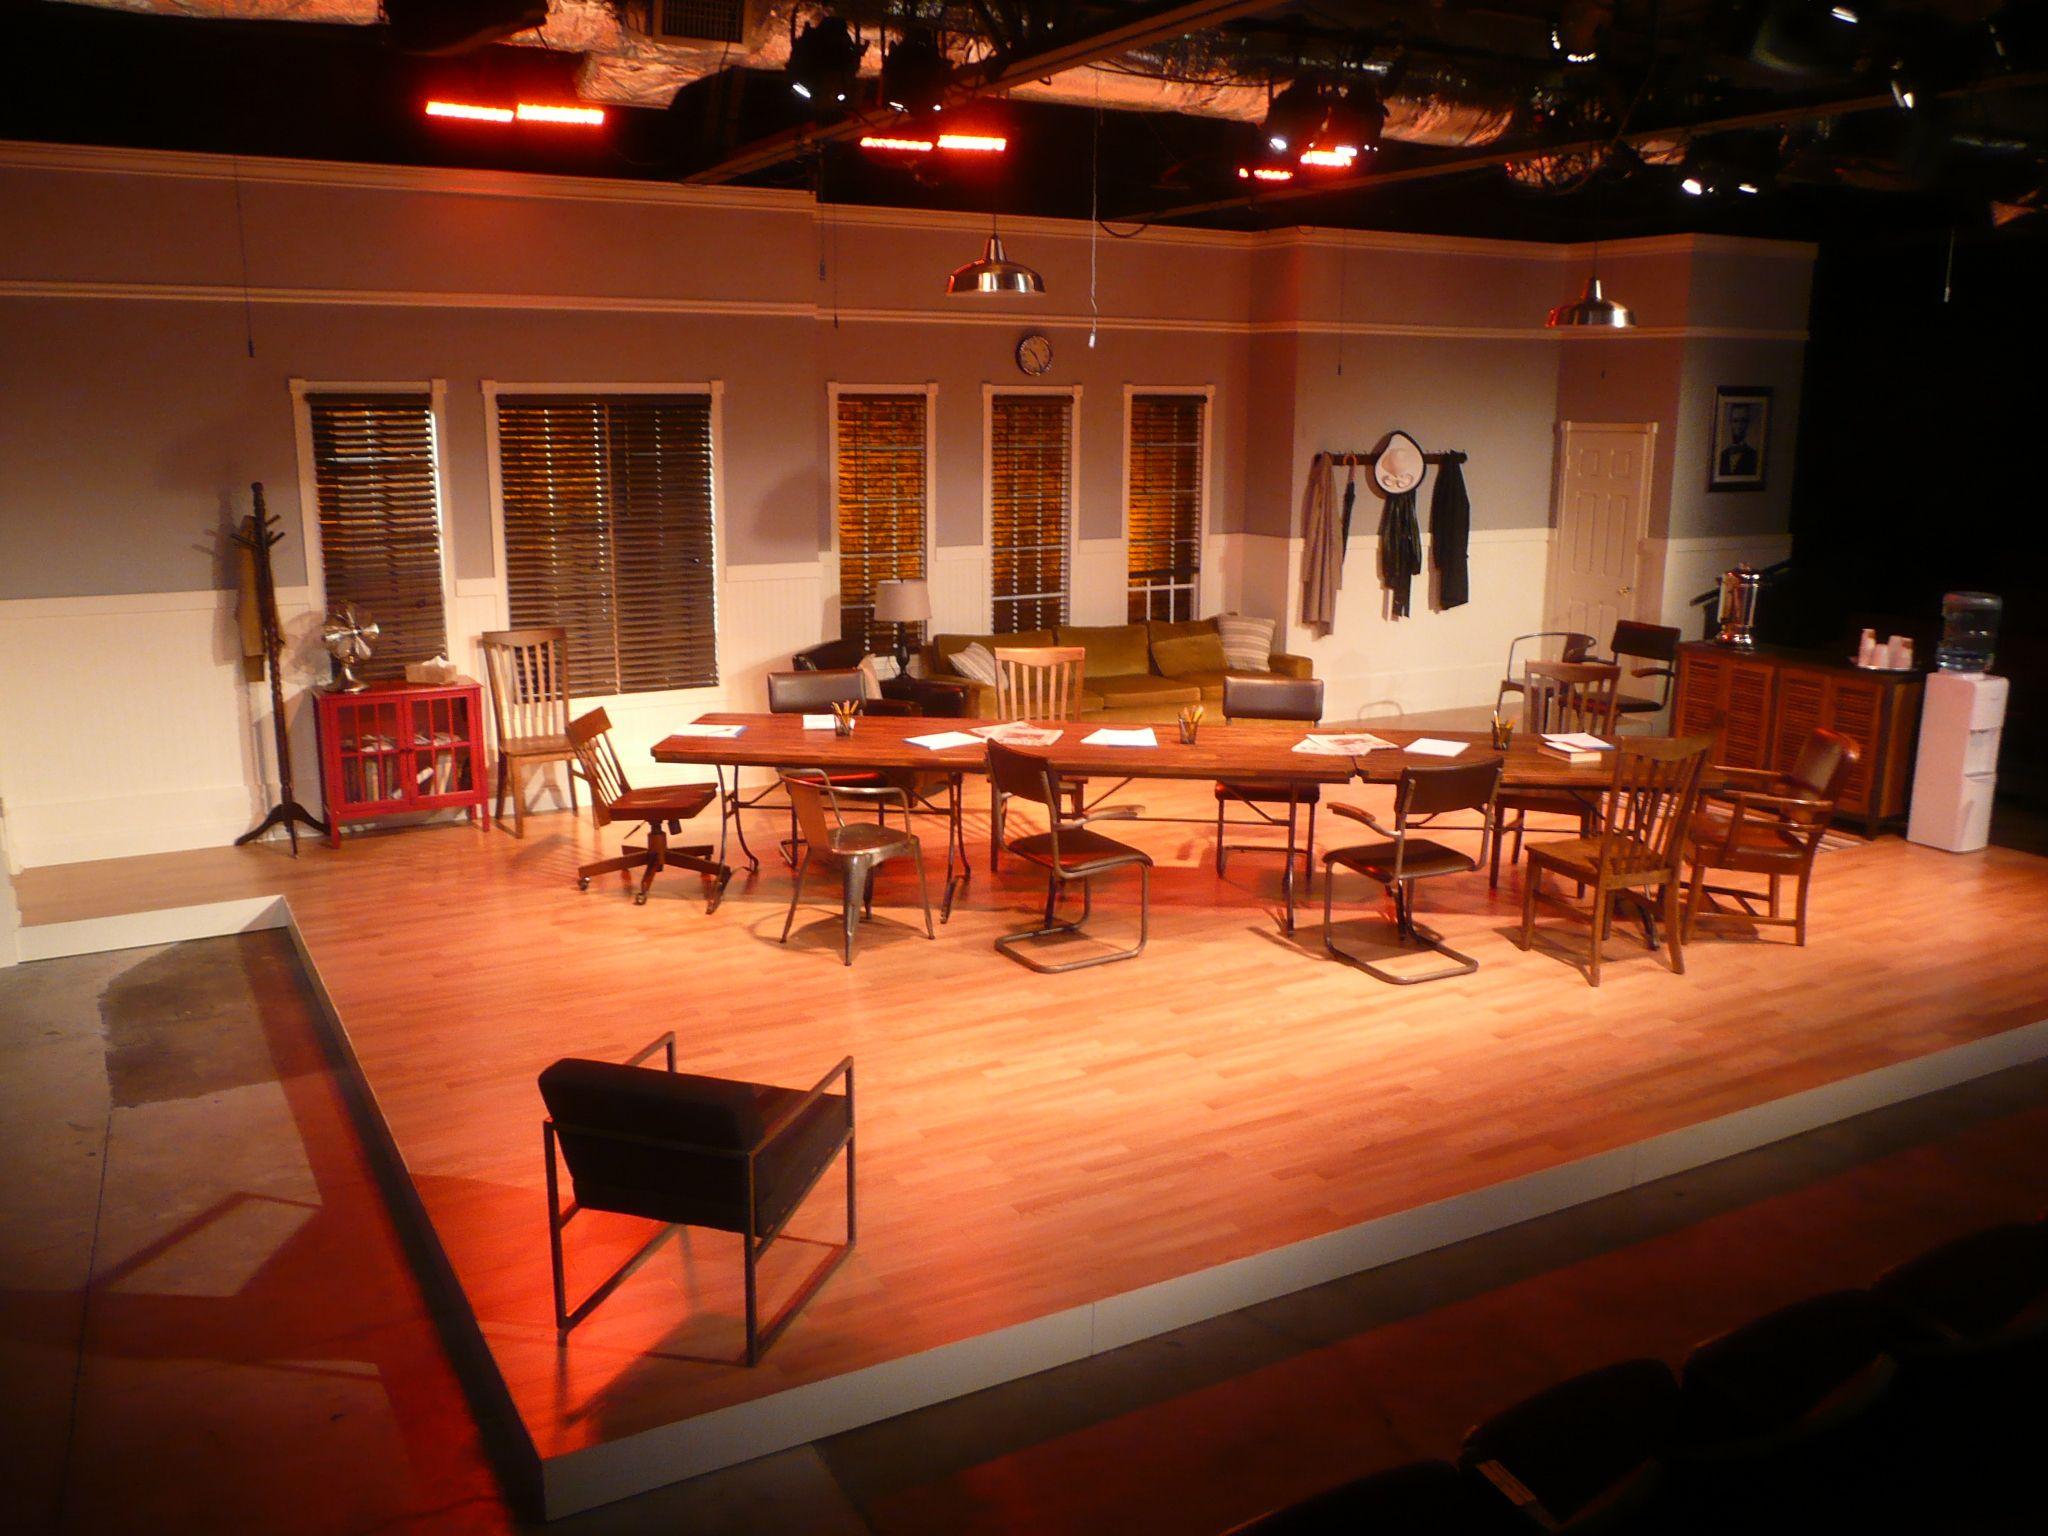 Barn Theatre Montville Nj - HOME DECOR